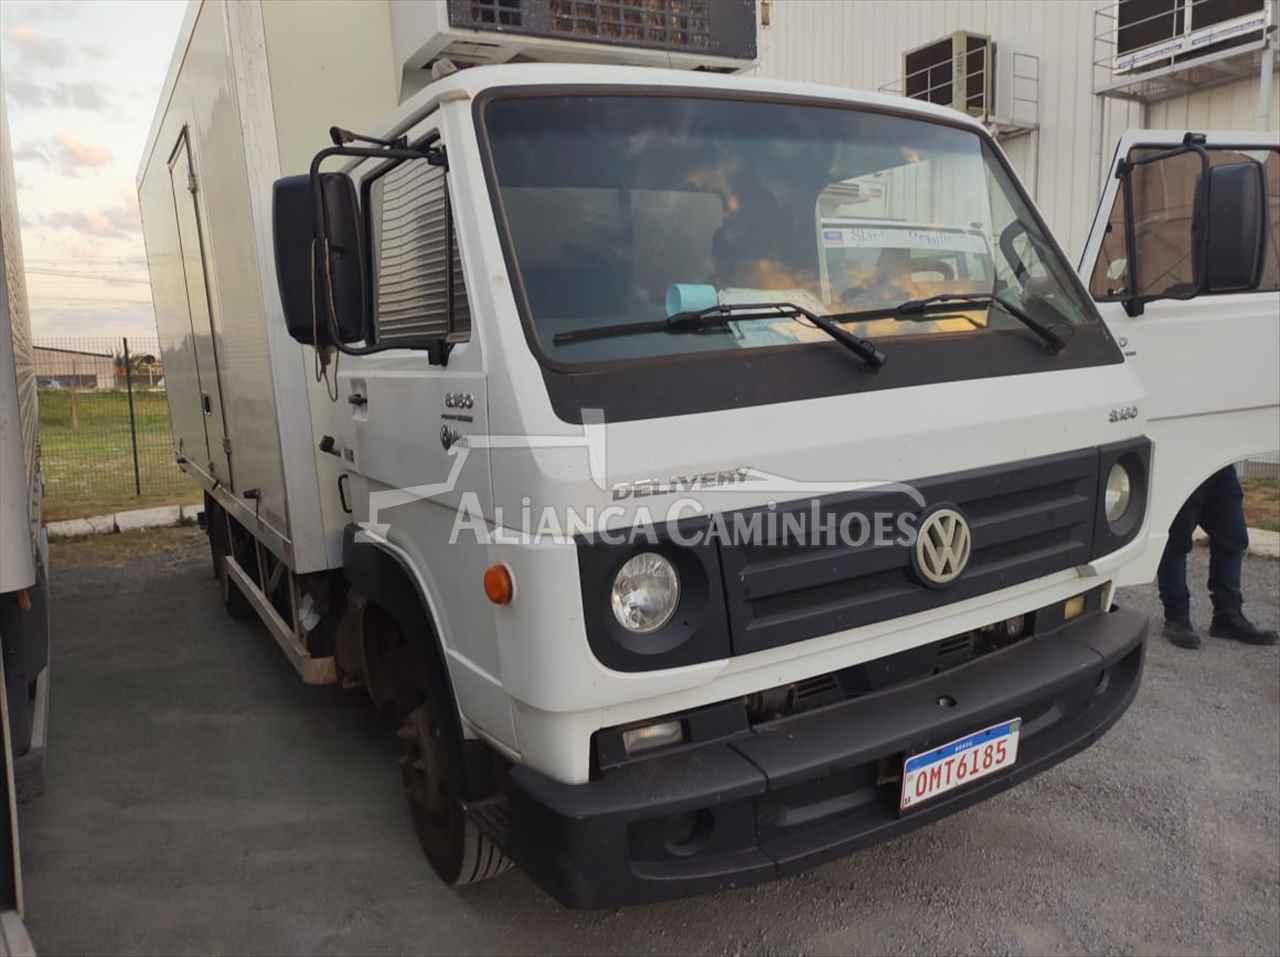 CAMINHAO VOLKSWAGEN VW 8160 Baú Térmico 3/4 4x2 Aliança Caminhões LUIS EDUARDO MAGALHAES BAHIA BA